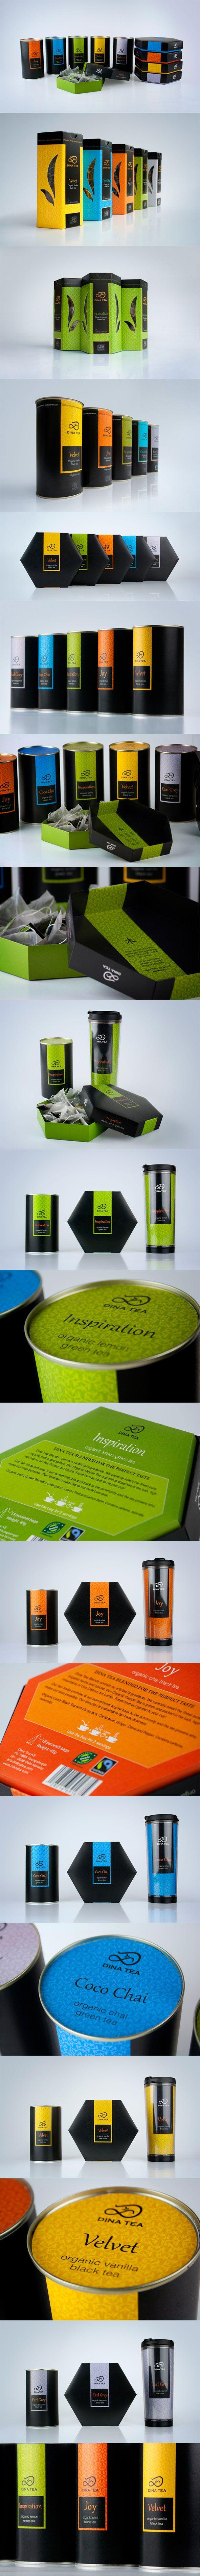 Dina Tea packaging via Behance PD